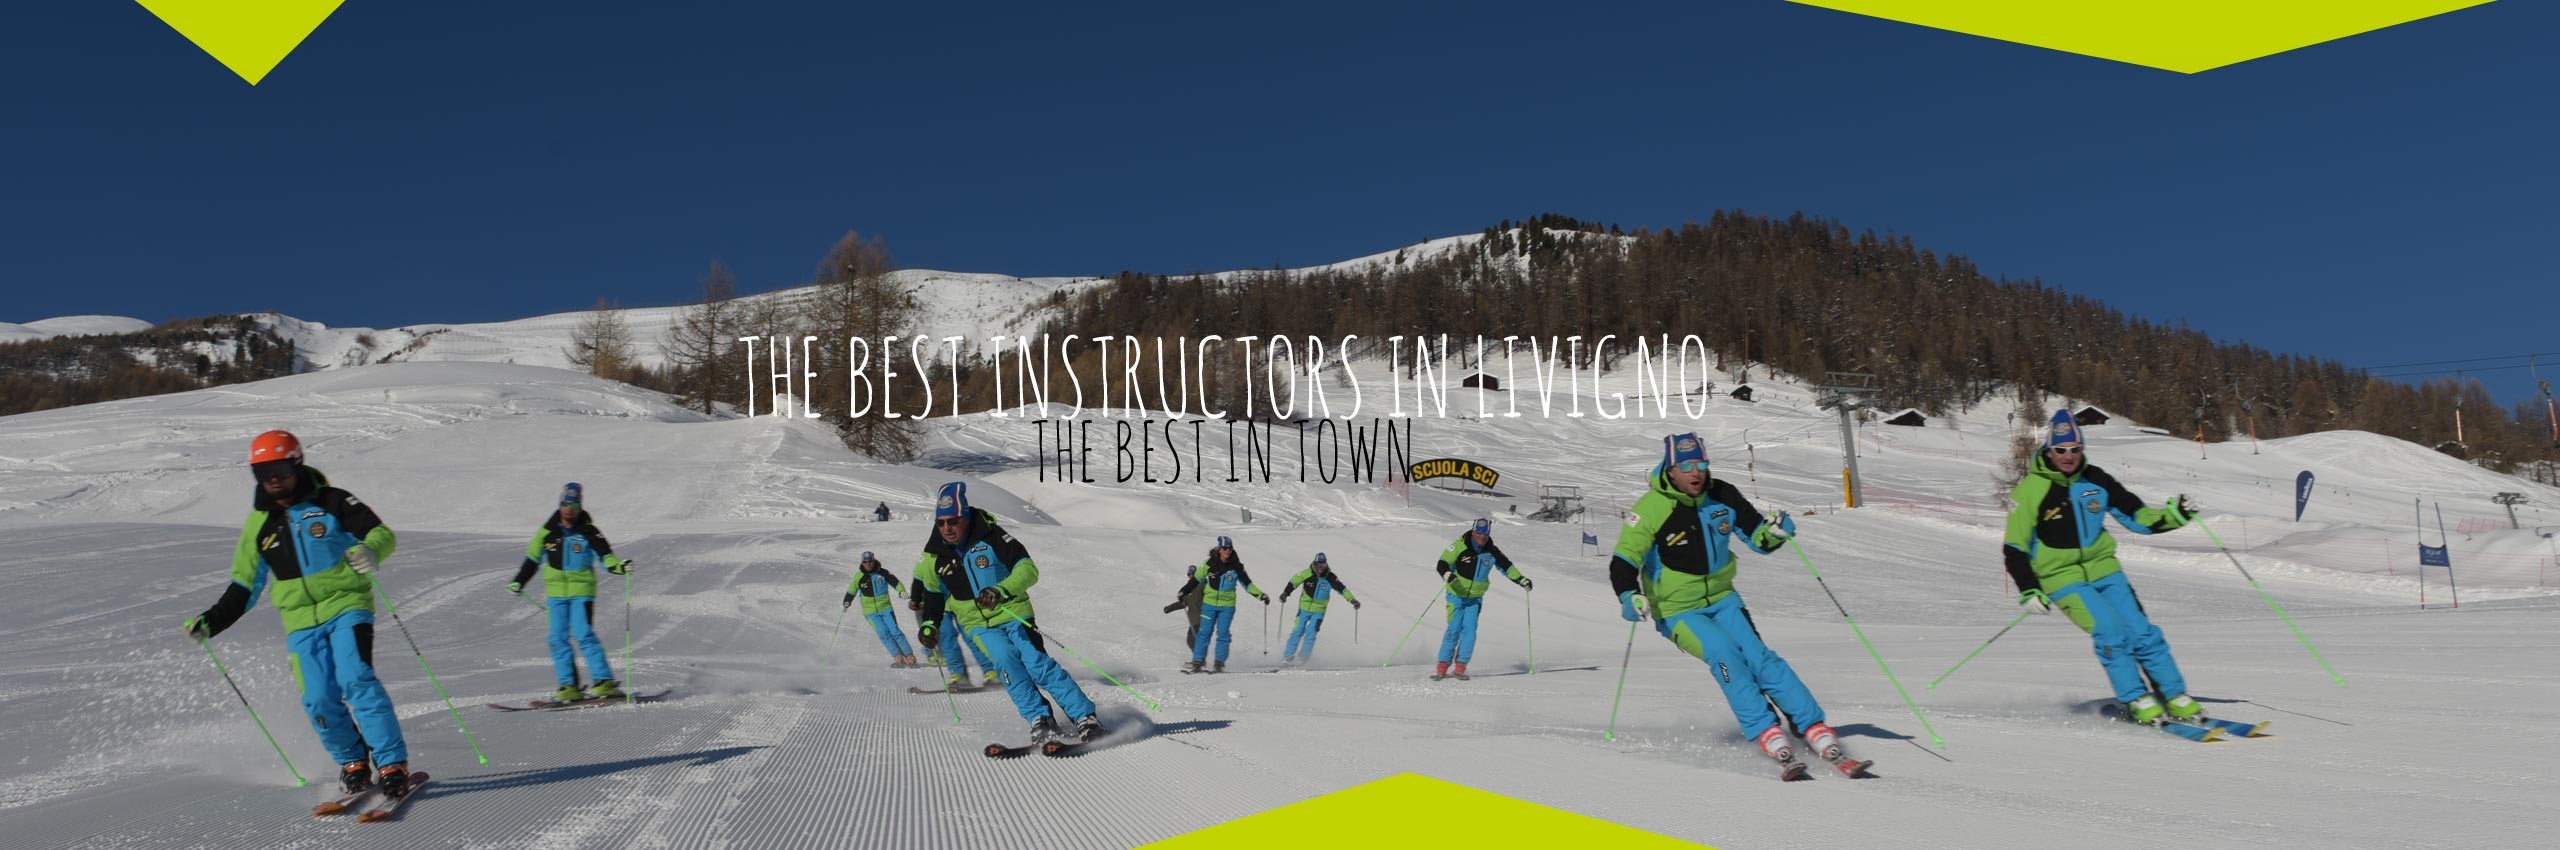 scuola sci livigno italy snowboard homeslide lezioni noleggio rent ski snow